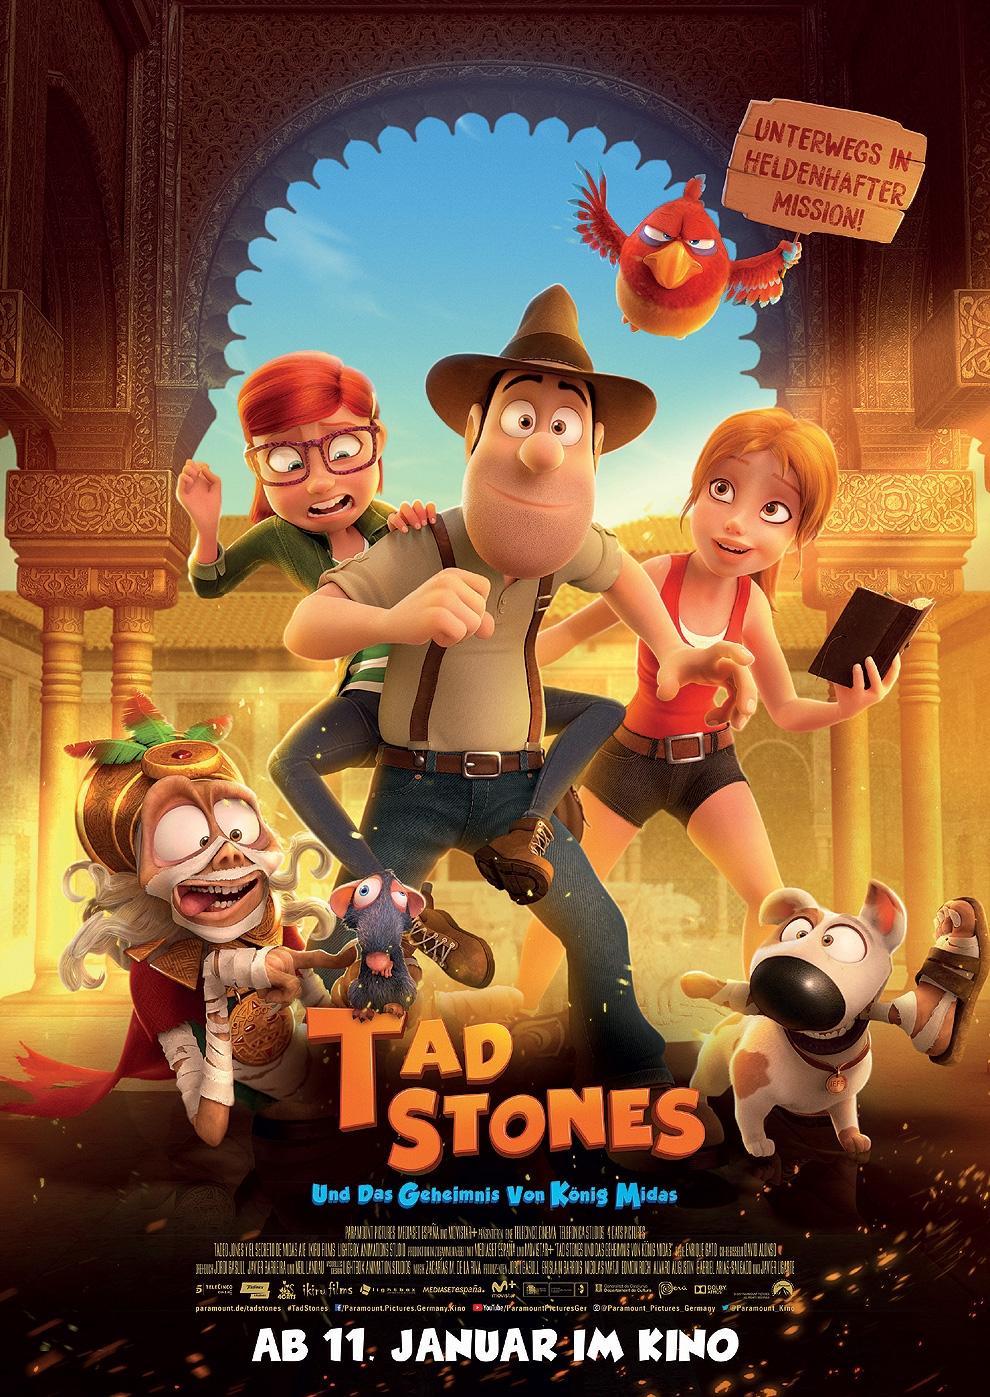 Tad Stones und das Geheimnis von König Midas (Poster)